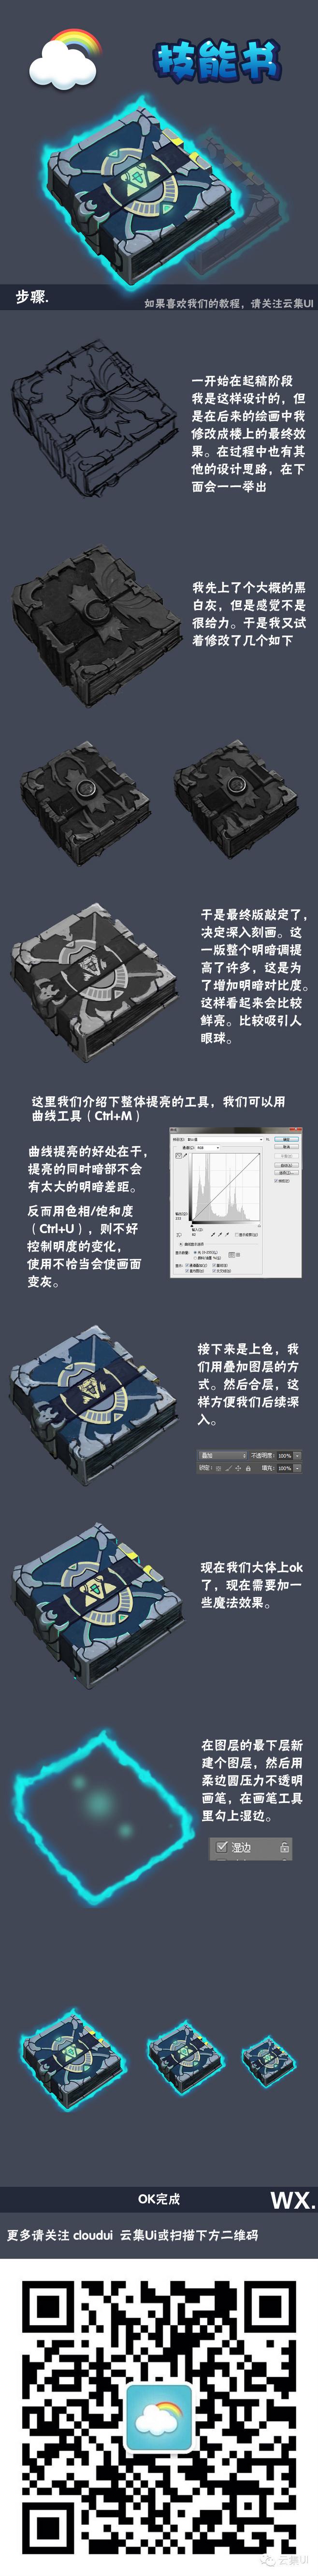 游戏ui教程图标魔法书 交流QQ群 10...